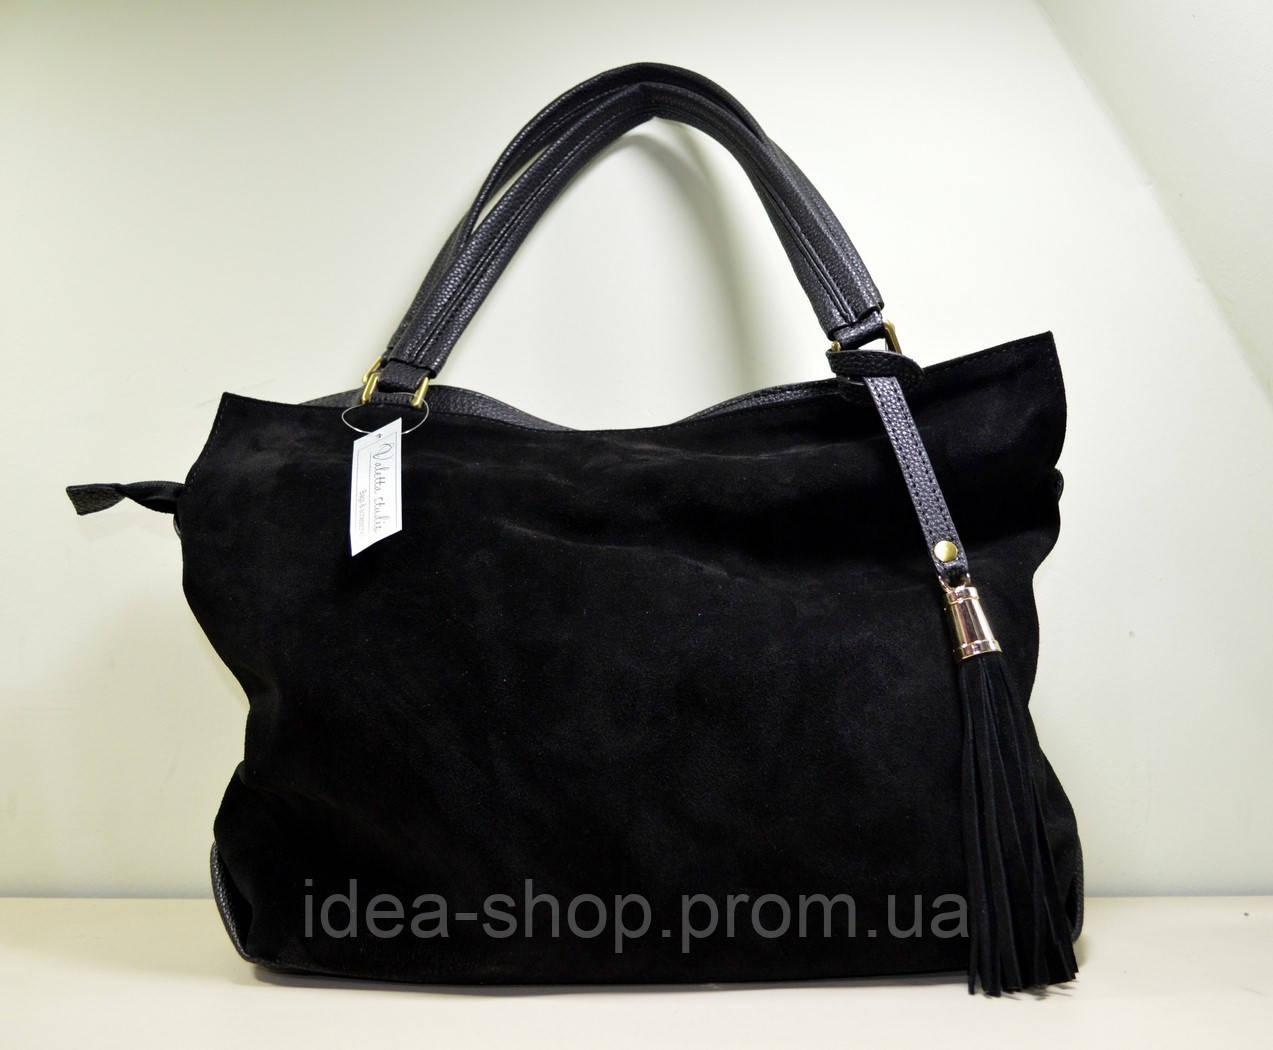 1f6ea2d1ca53 Большая черная замшевая сумка через плечо. - интернет-магазин